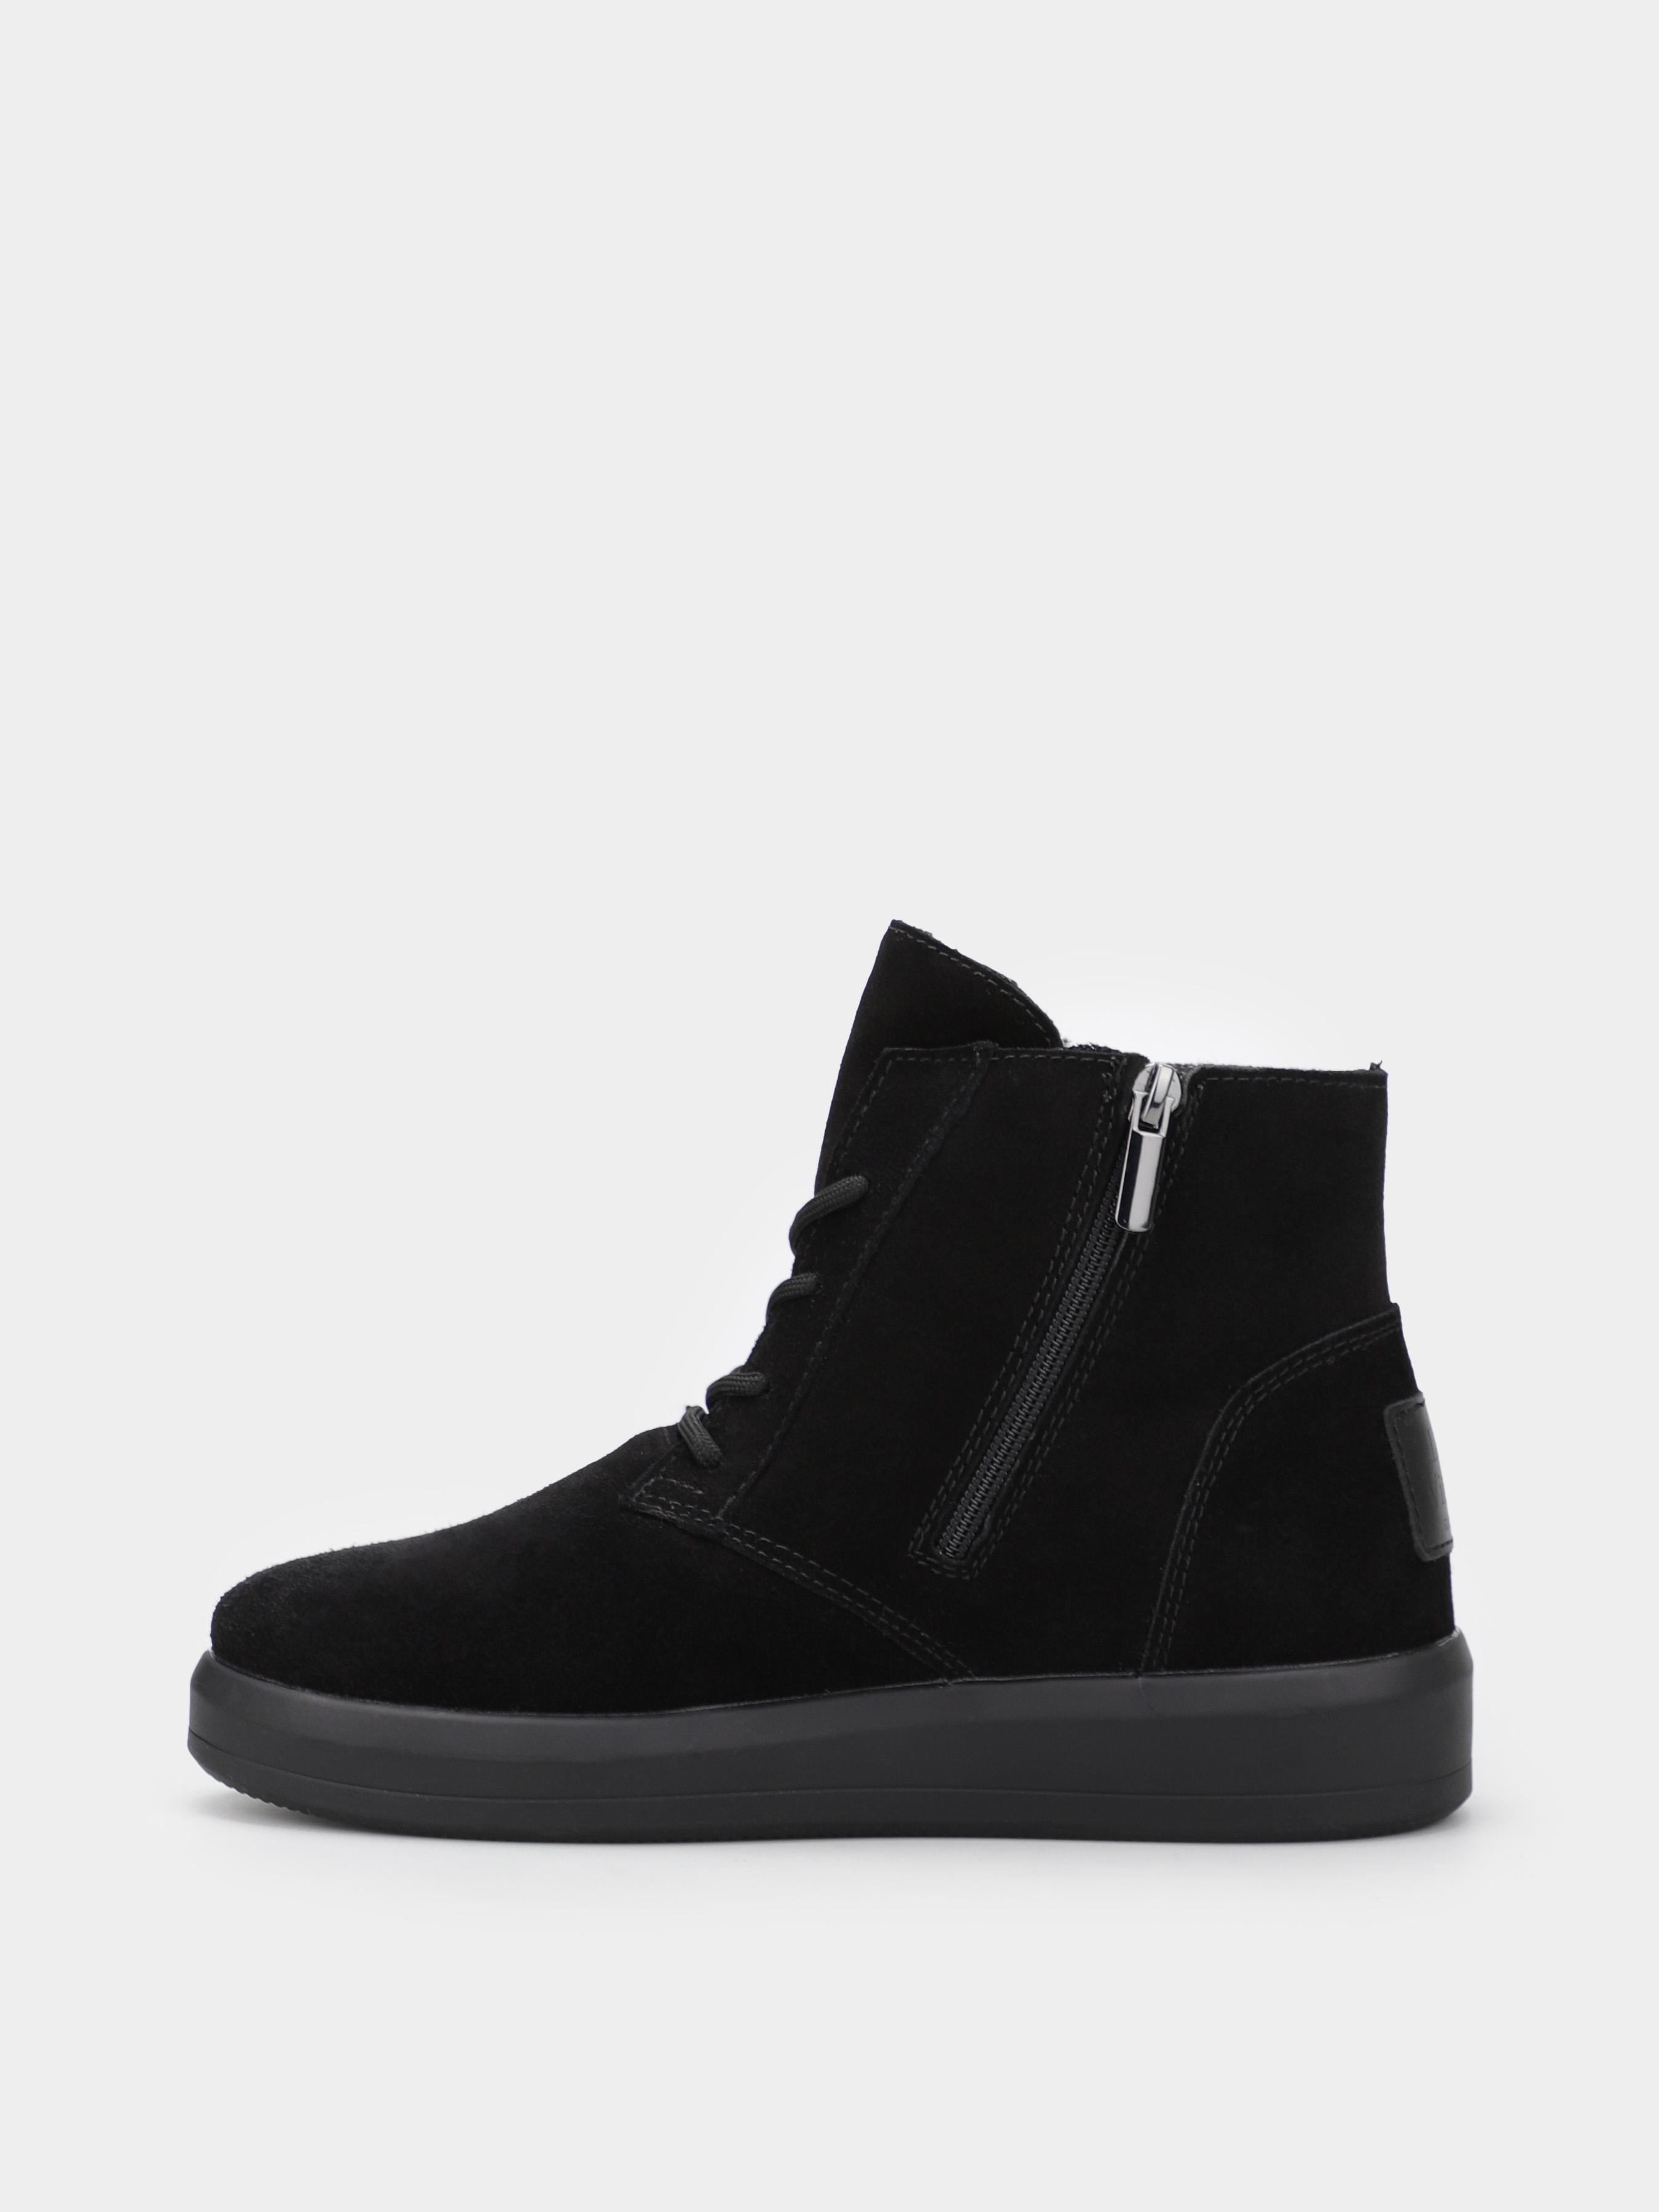 Ботинки женские Dino Vittorio 6H73 размеры обуви, 2017